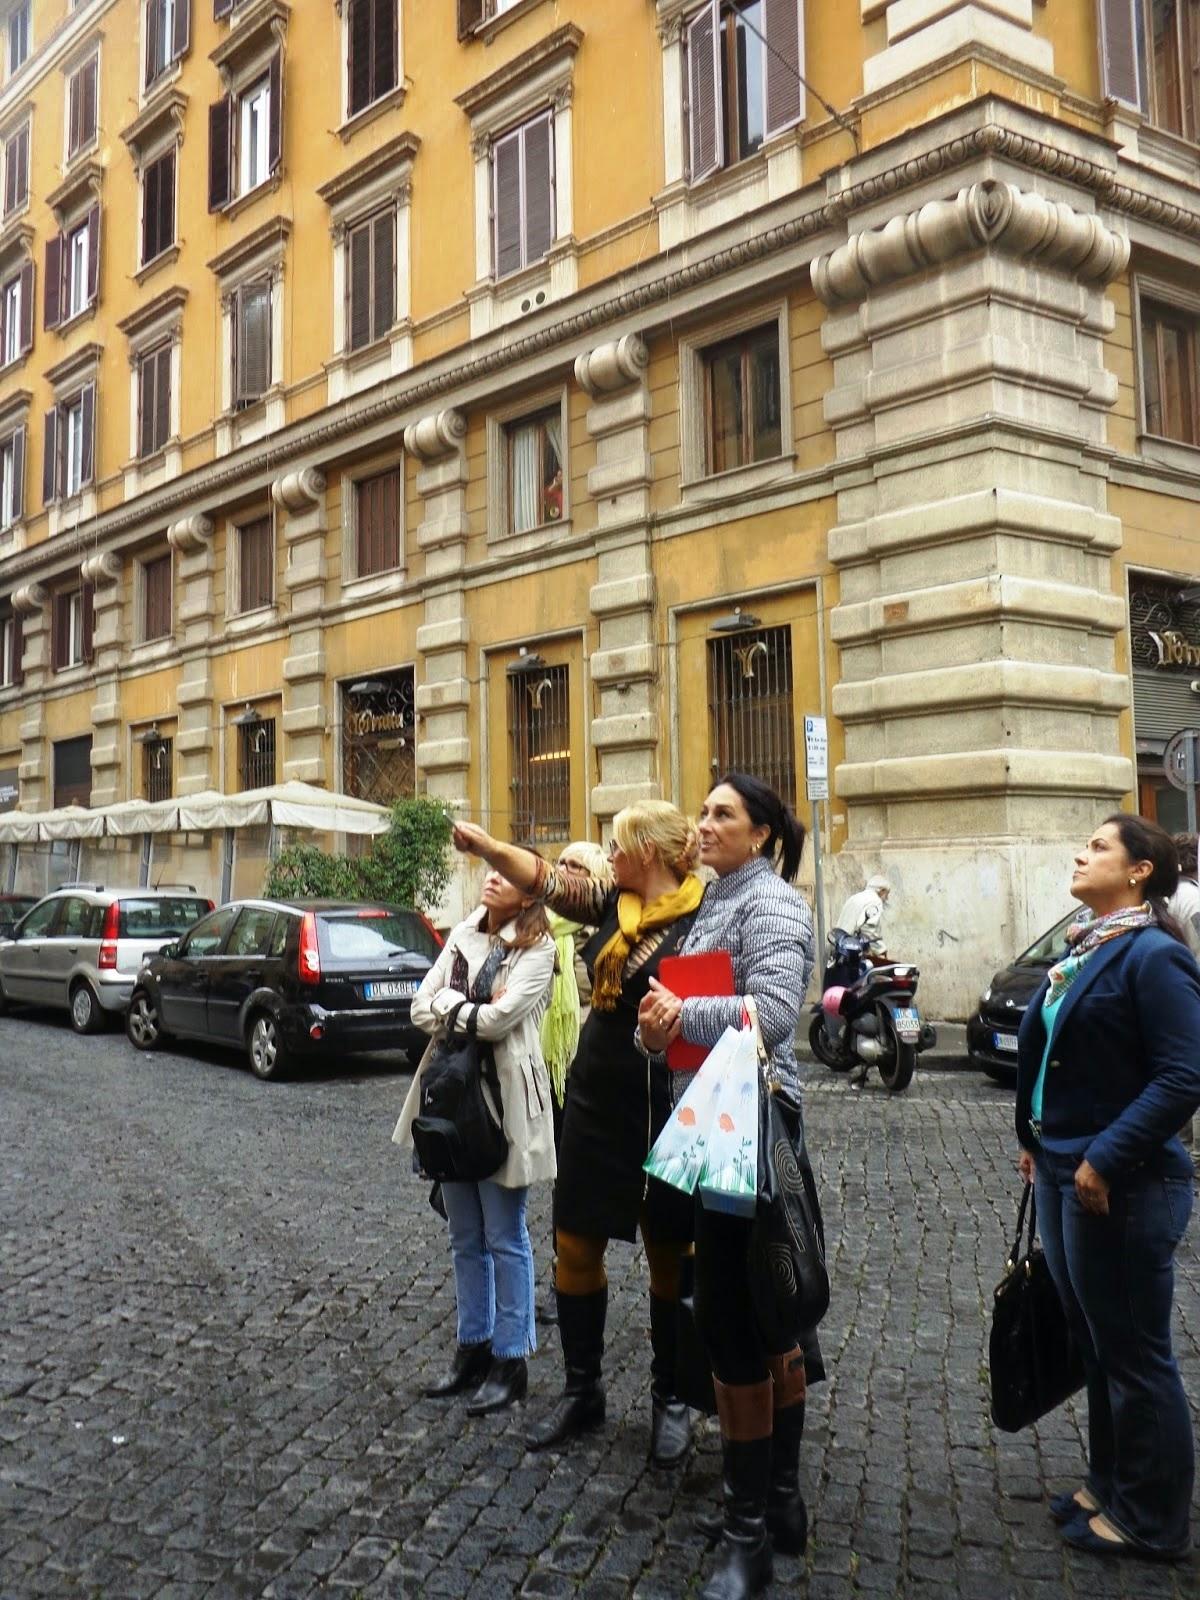 Aqui, Sandra nos relata a tragédia que culminou na fama da Igreja de Santa Maria del Pianto.